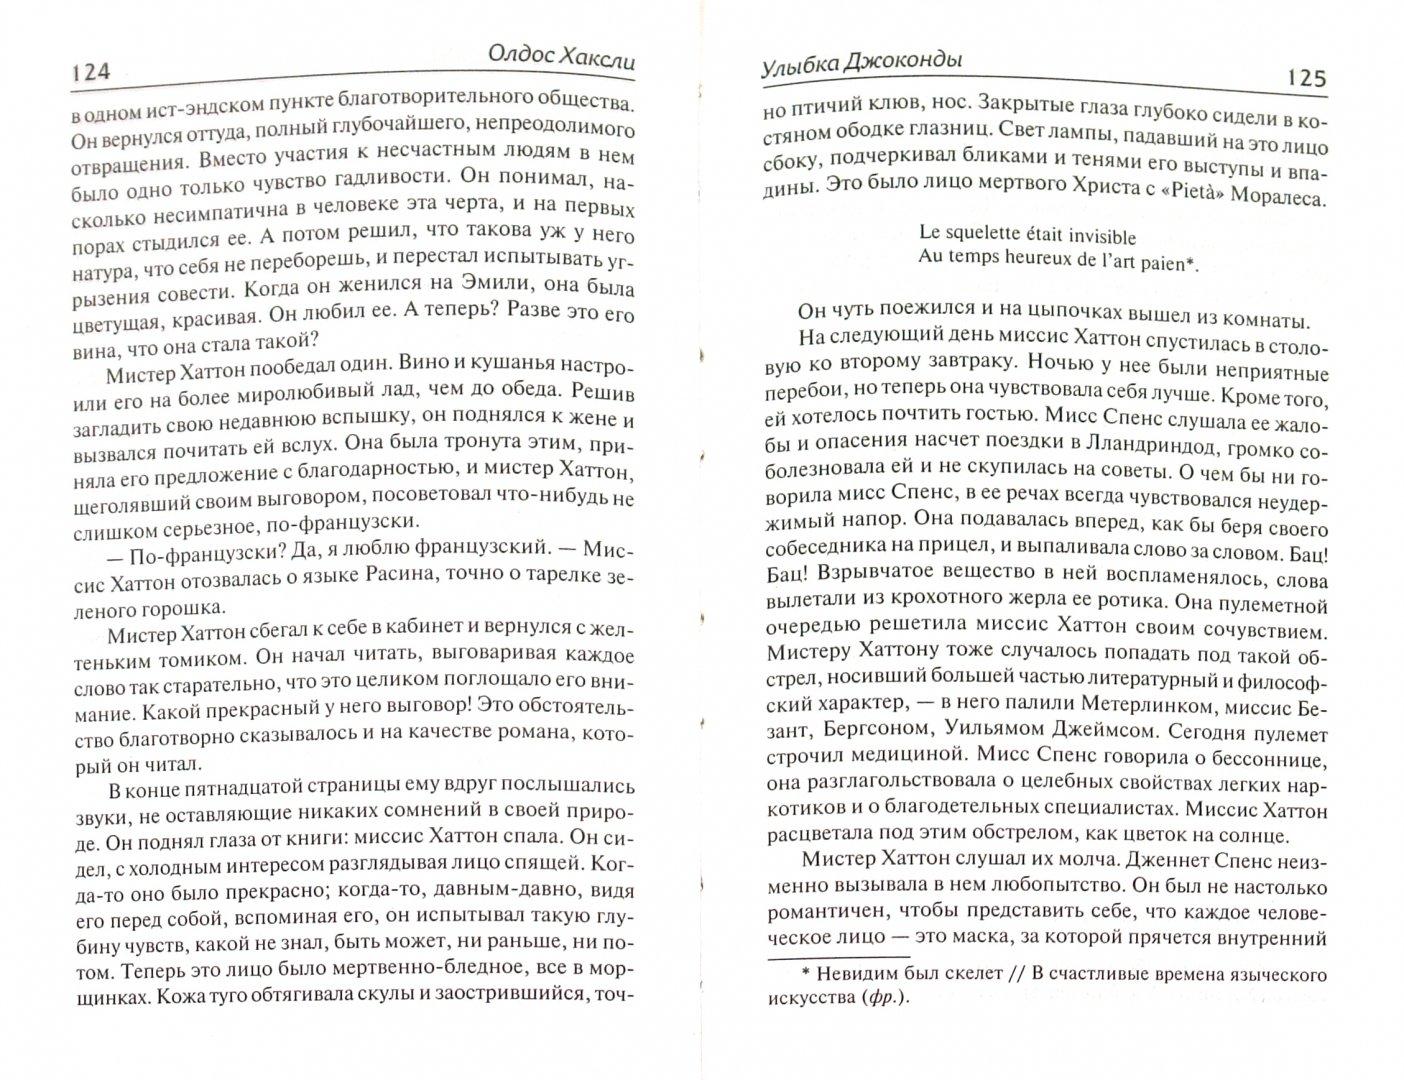 Иллюстрация 1 из 24 для Волшебница крестная и другие новеллы - Олдос Хаксли | Лабиринт - книги. Источник: Лабиринт